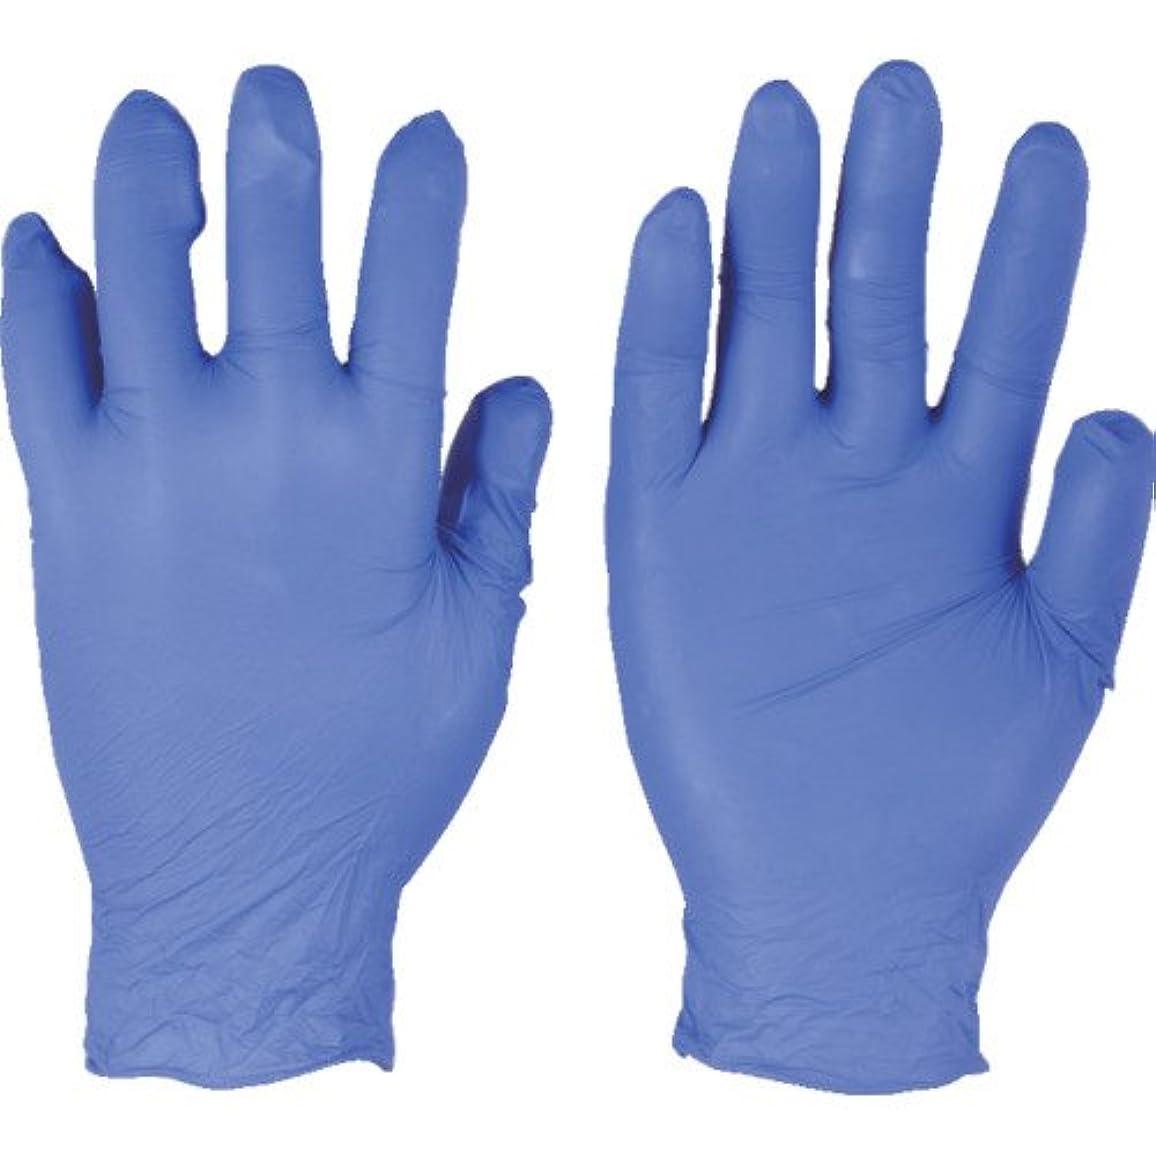 助手なぜならスマートトラスコ中山 アンセル ニトリルゴム使い捨て手袋 エッジ 82-133 Sサイズ(300枚入り)  (300枚入) 821337